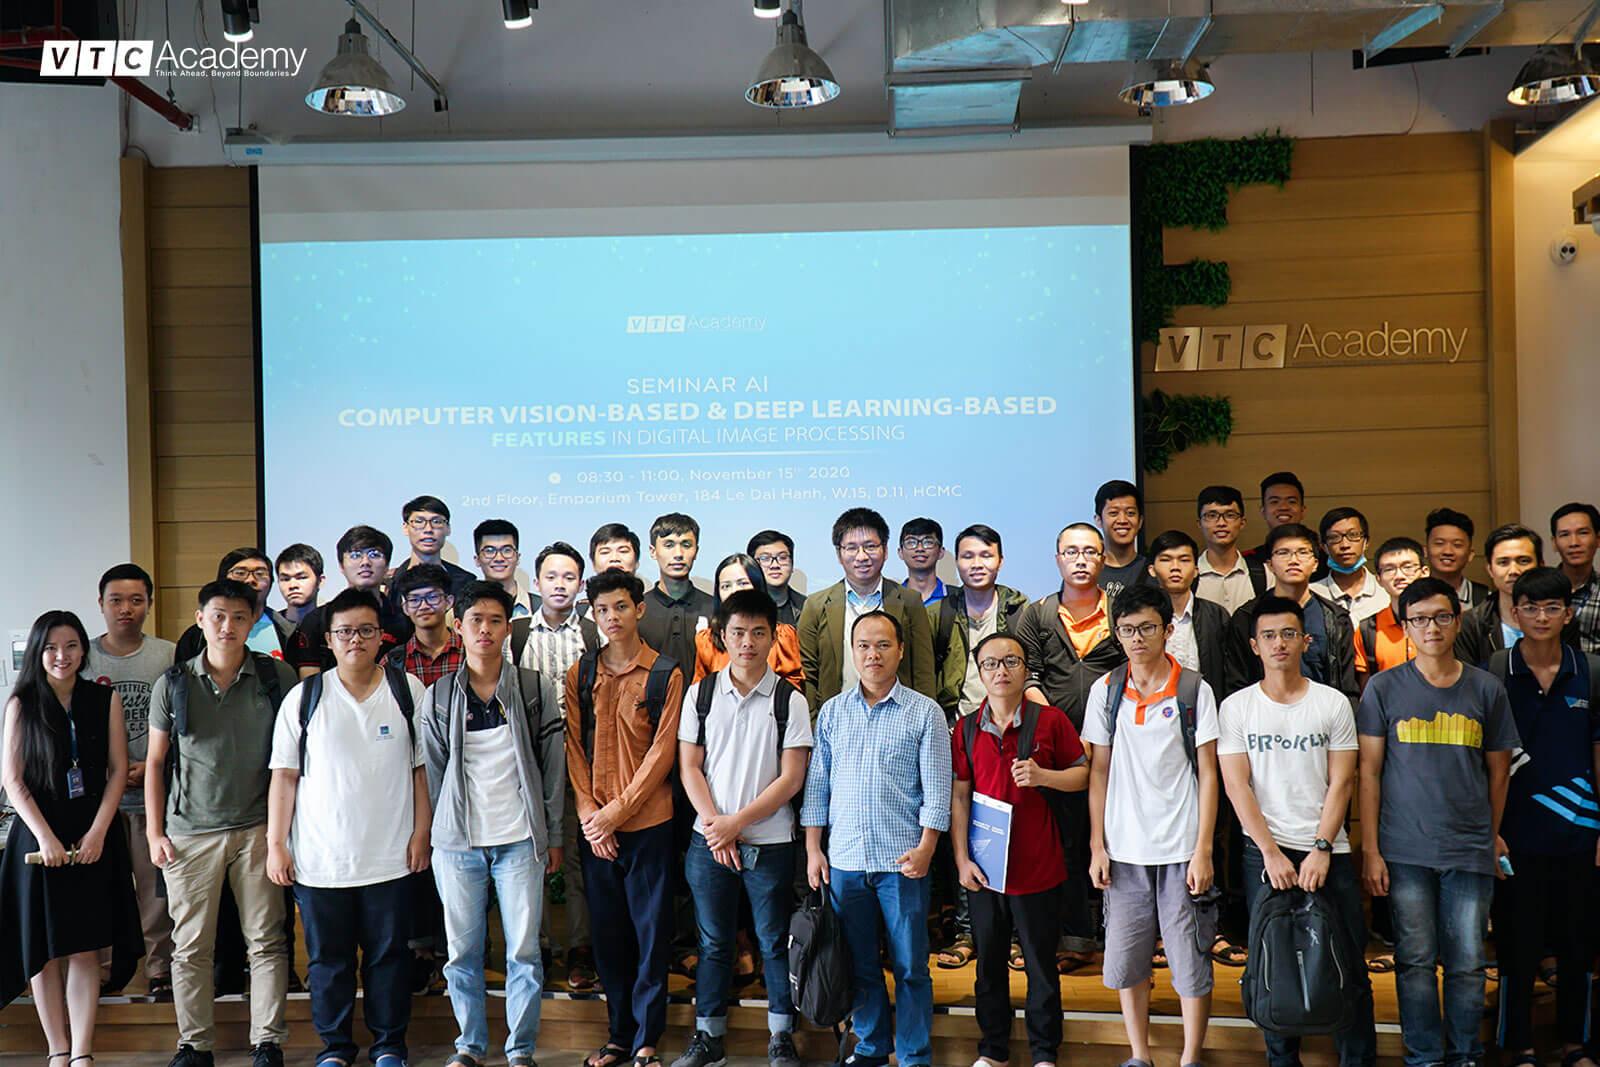 seminar-ai-vtc-academy-7